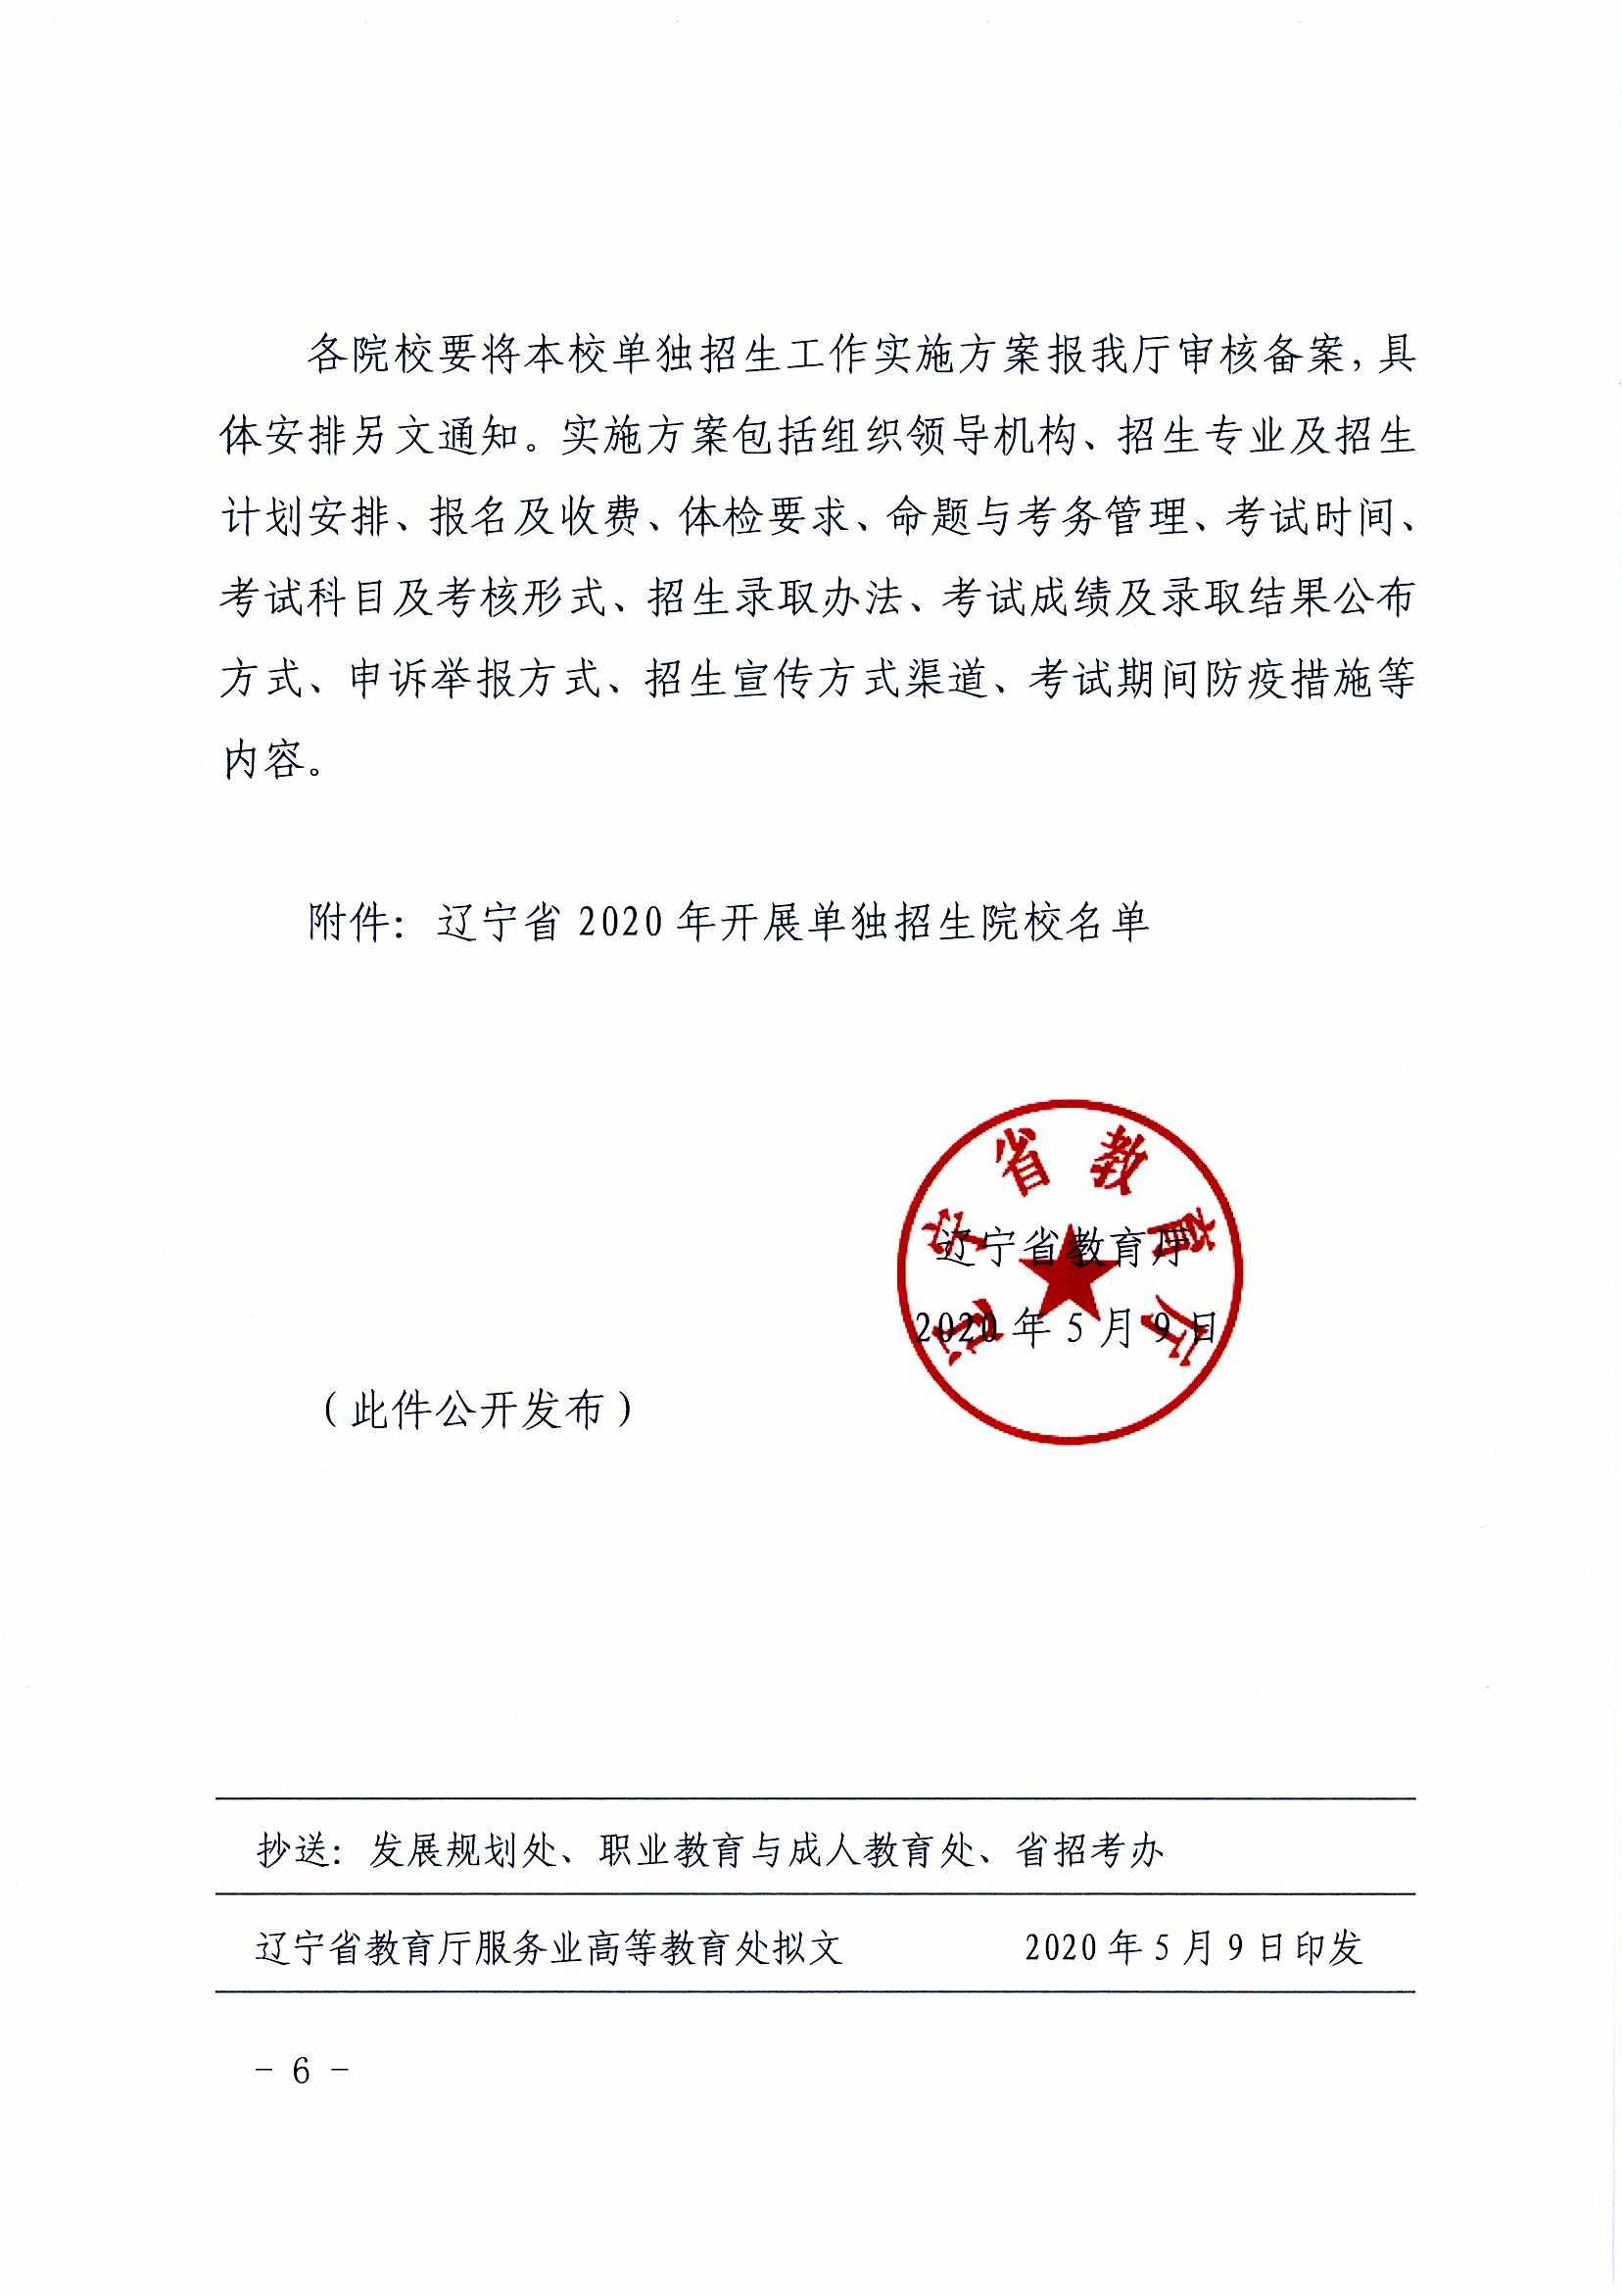 辽宁省教育厅关于开展2020年高等职业院校单独考试招生工作的......_页面_6